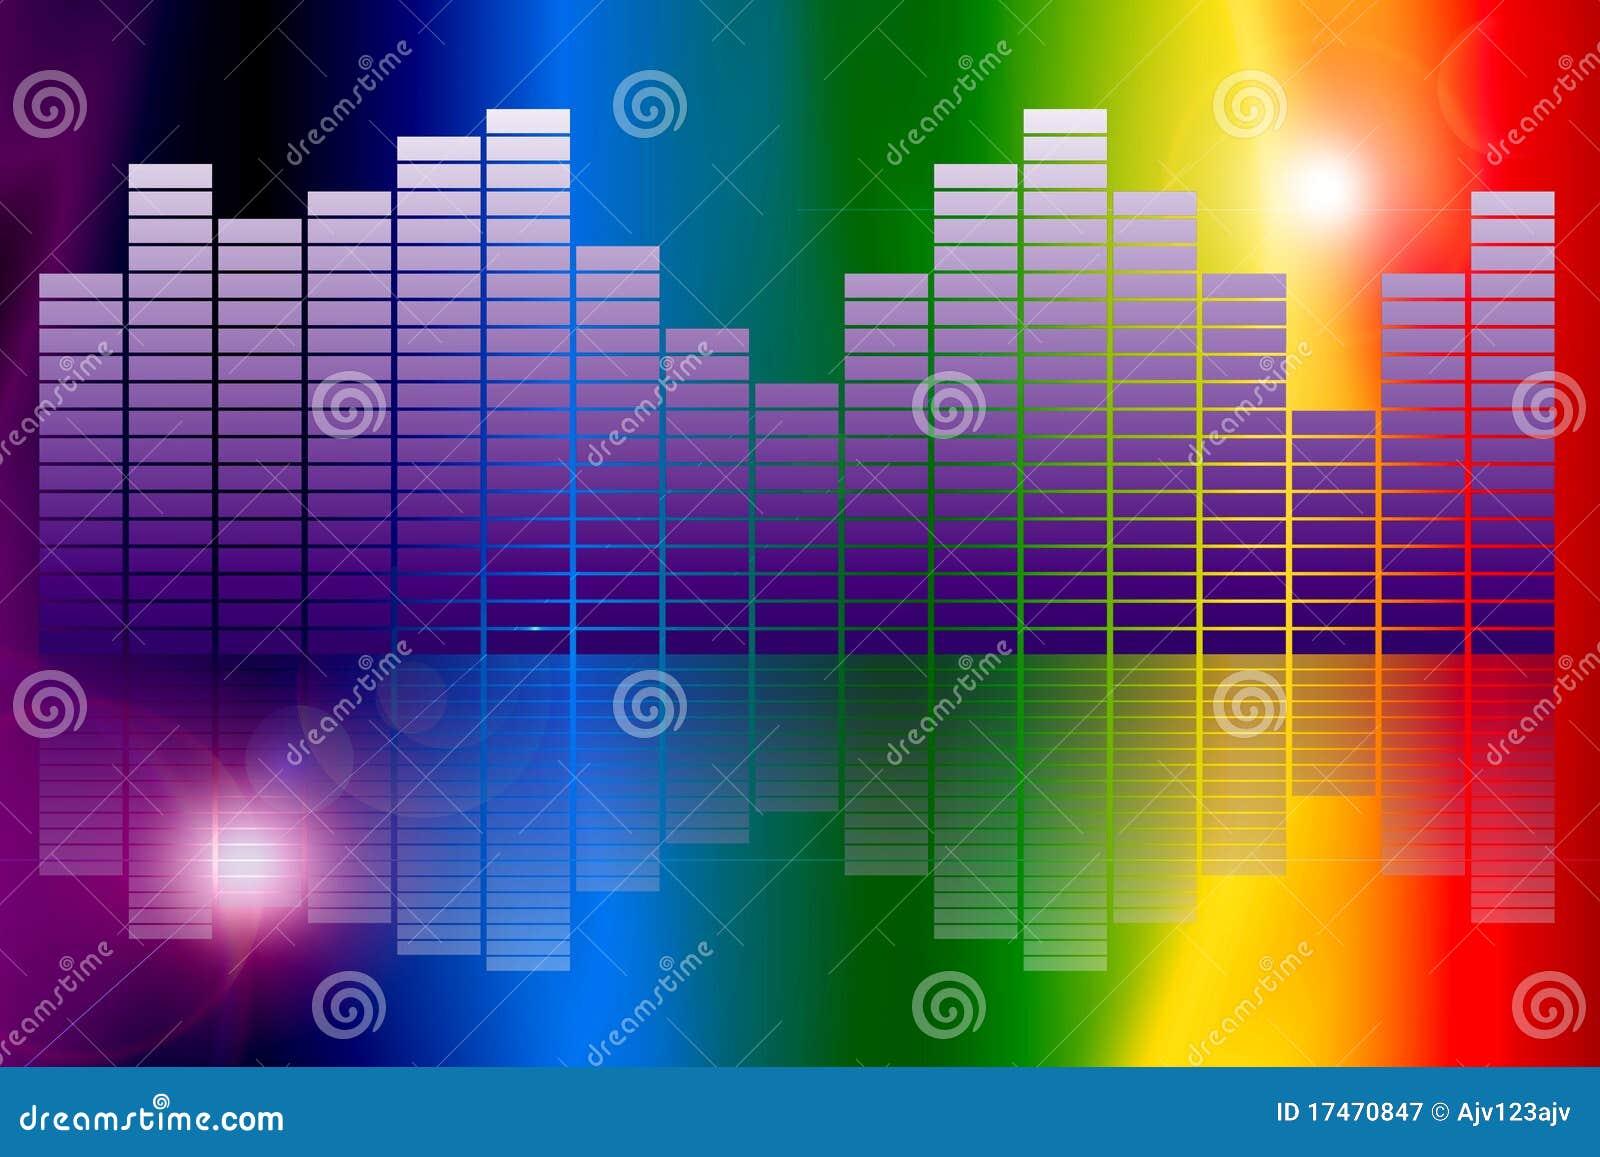 Equalizador do gráfico do espectro